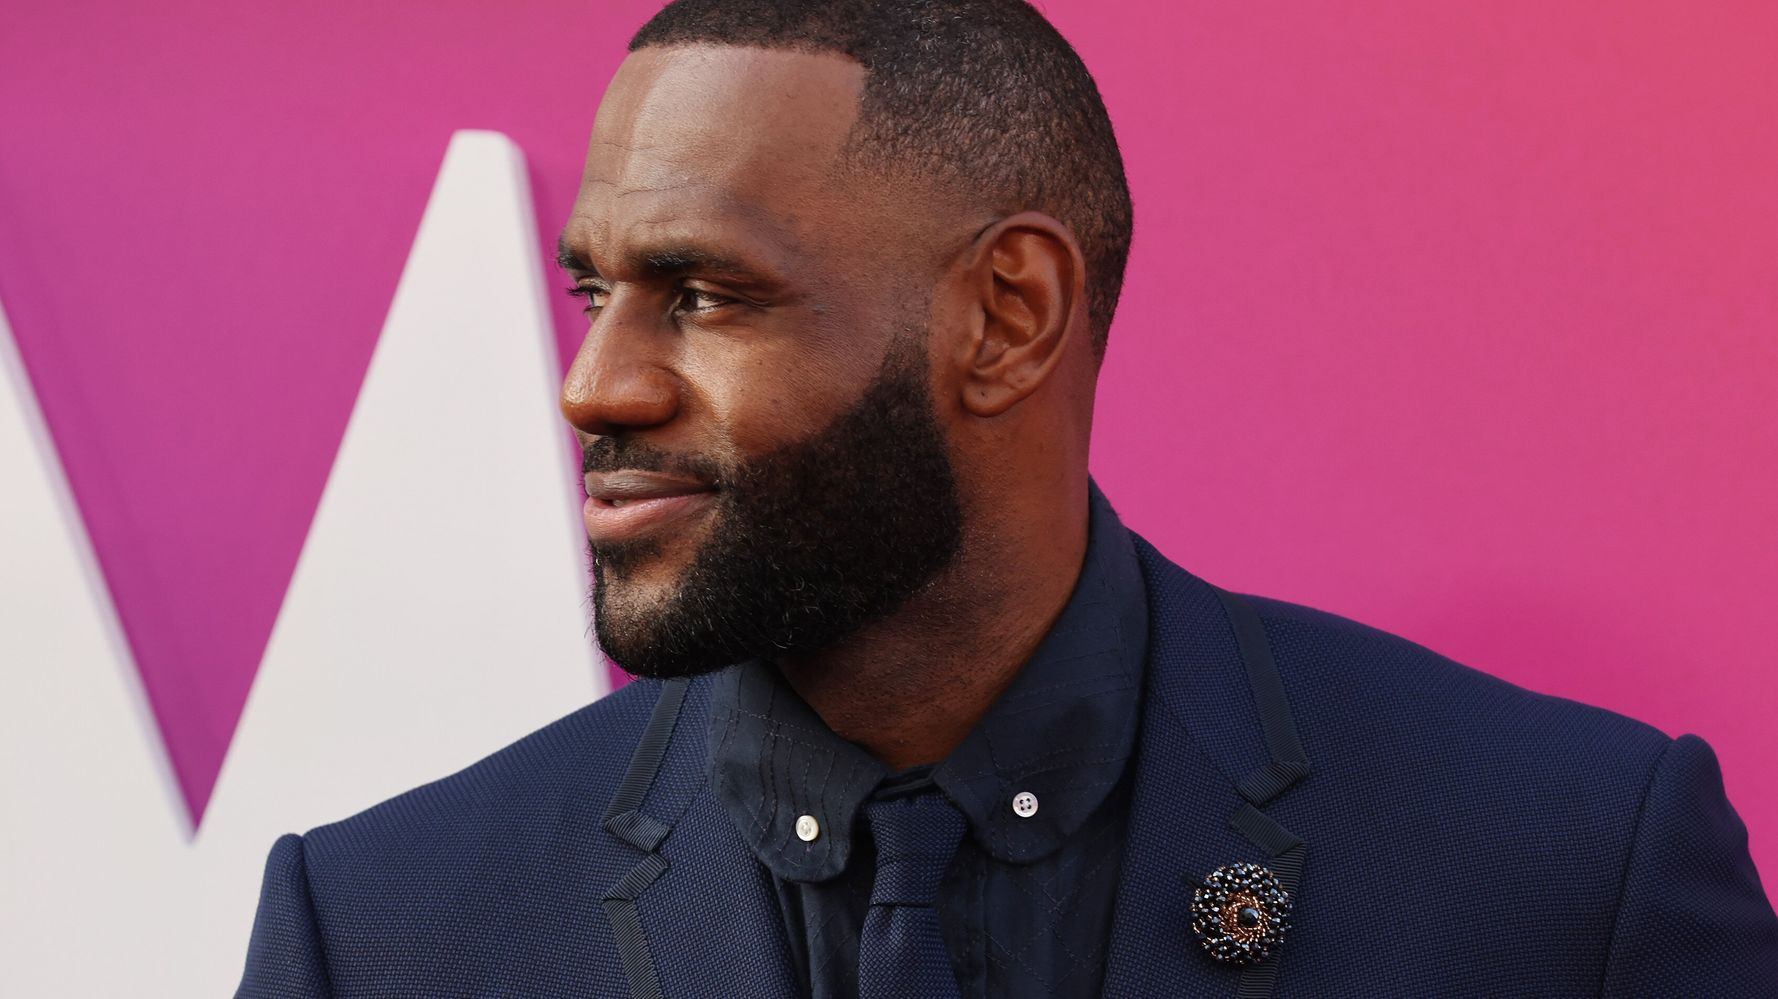 LeBron James dans le cercle fermé des sportifs milliardaires